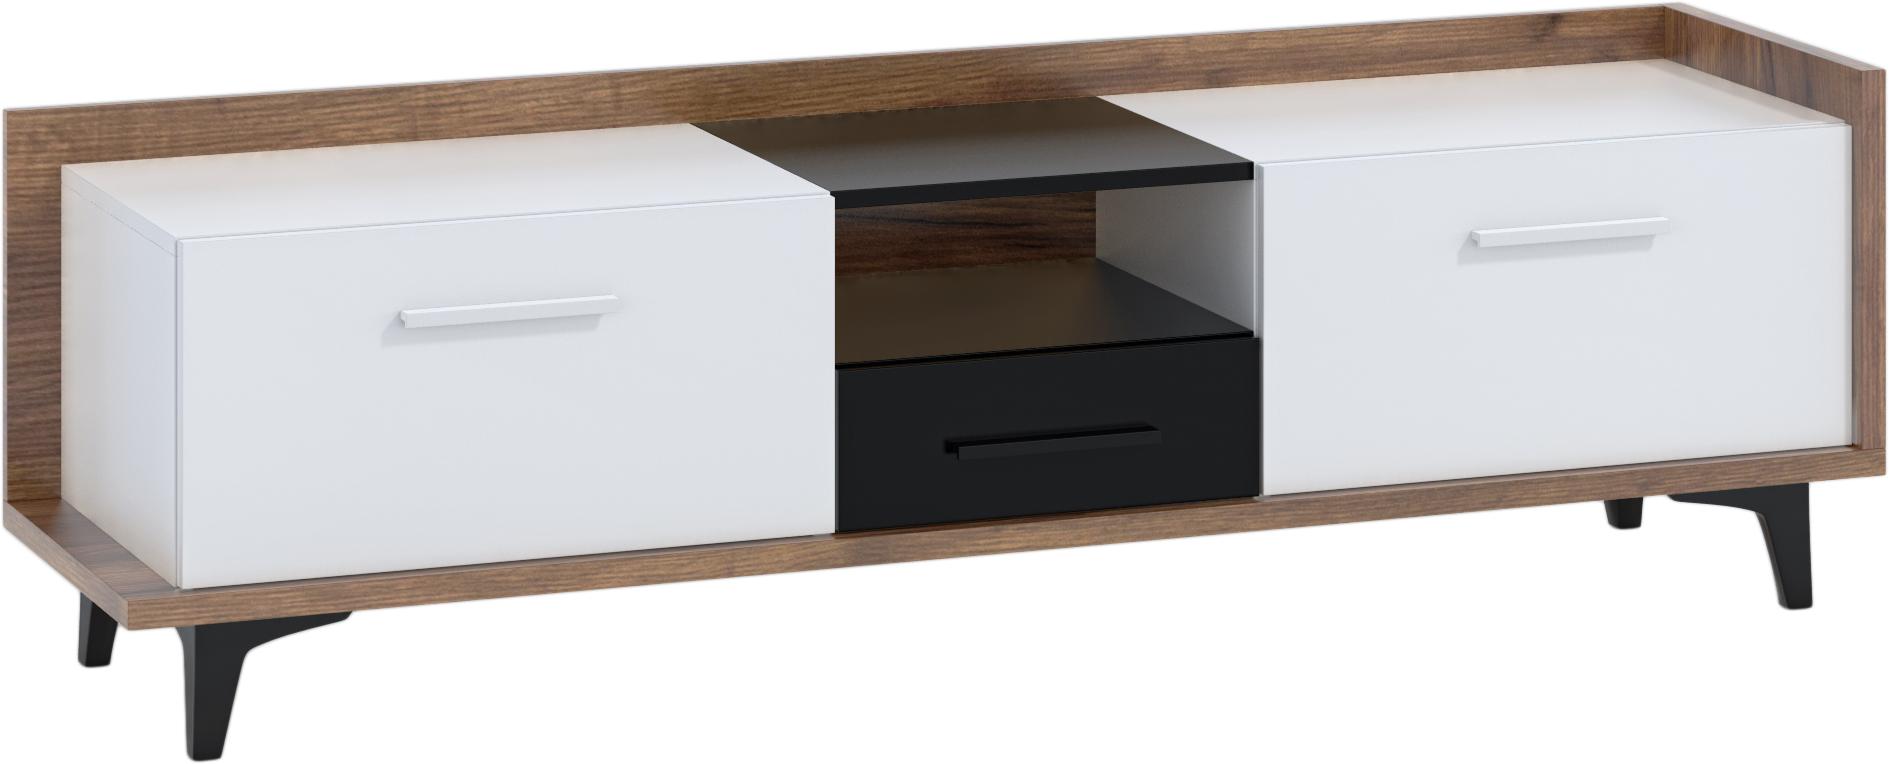 WIP TV stolík 2D1S BOX-09 Farba: craft tobaco / biela / čierna